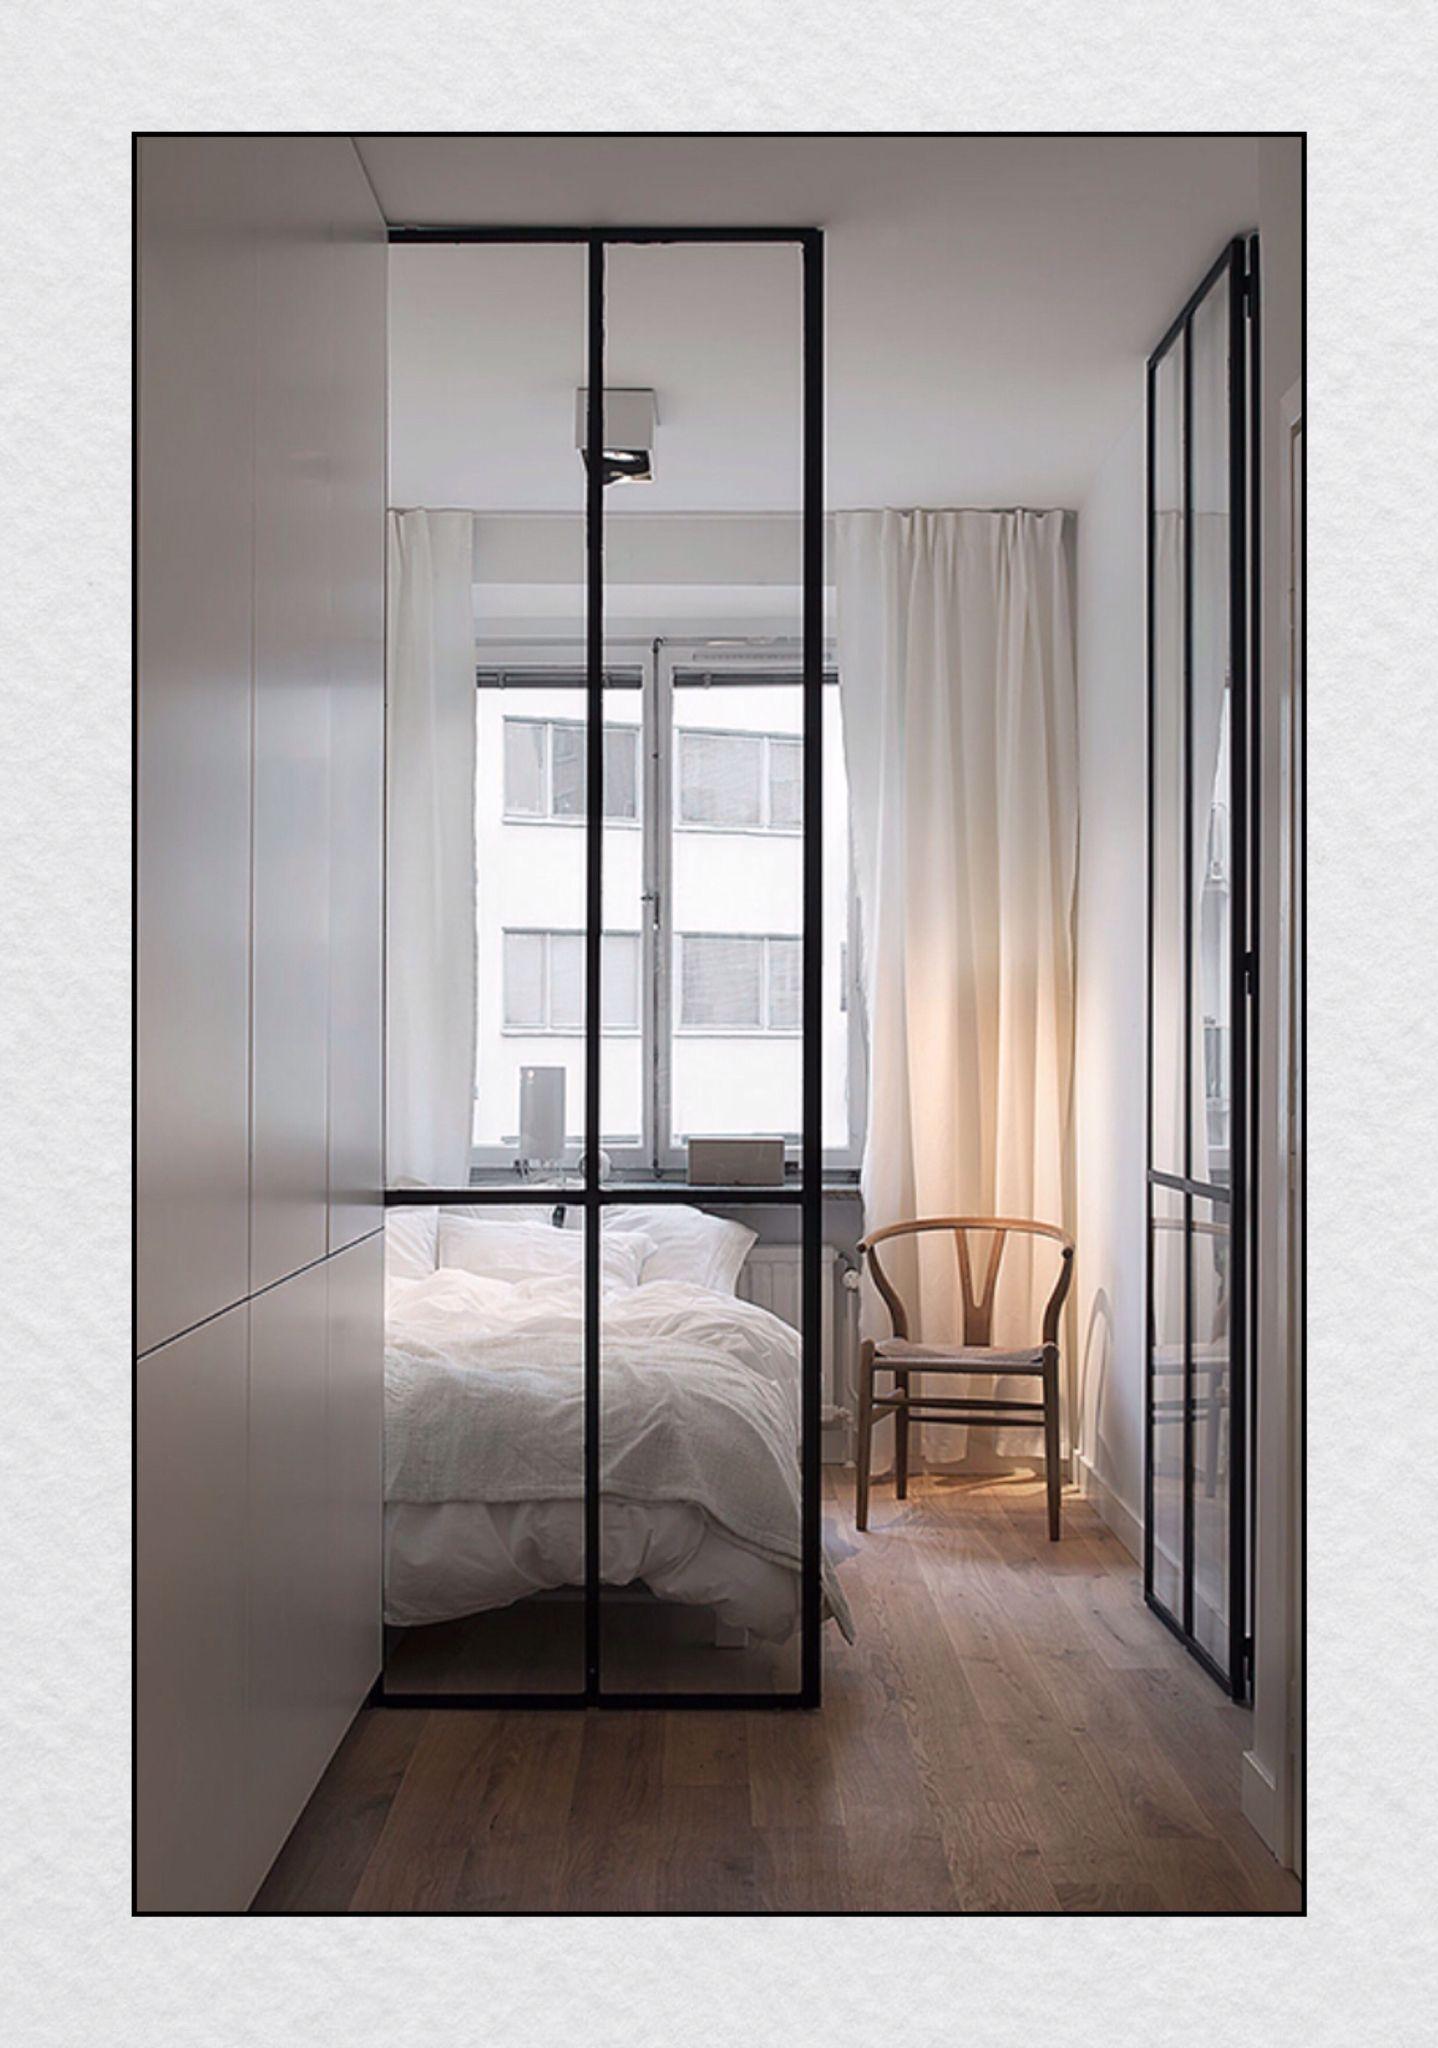 Porta vidro | bgn 04 | Pinterest | Inneneinrichtung und Flure